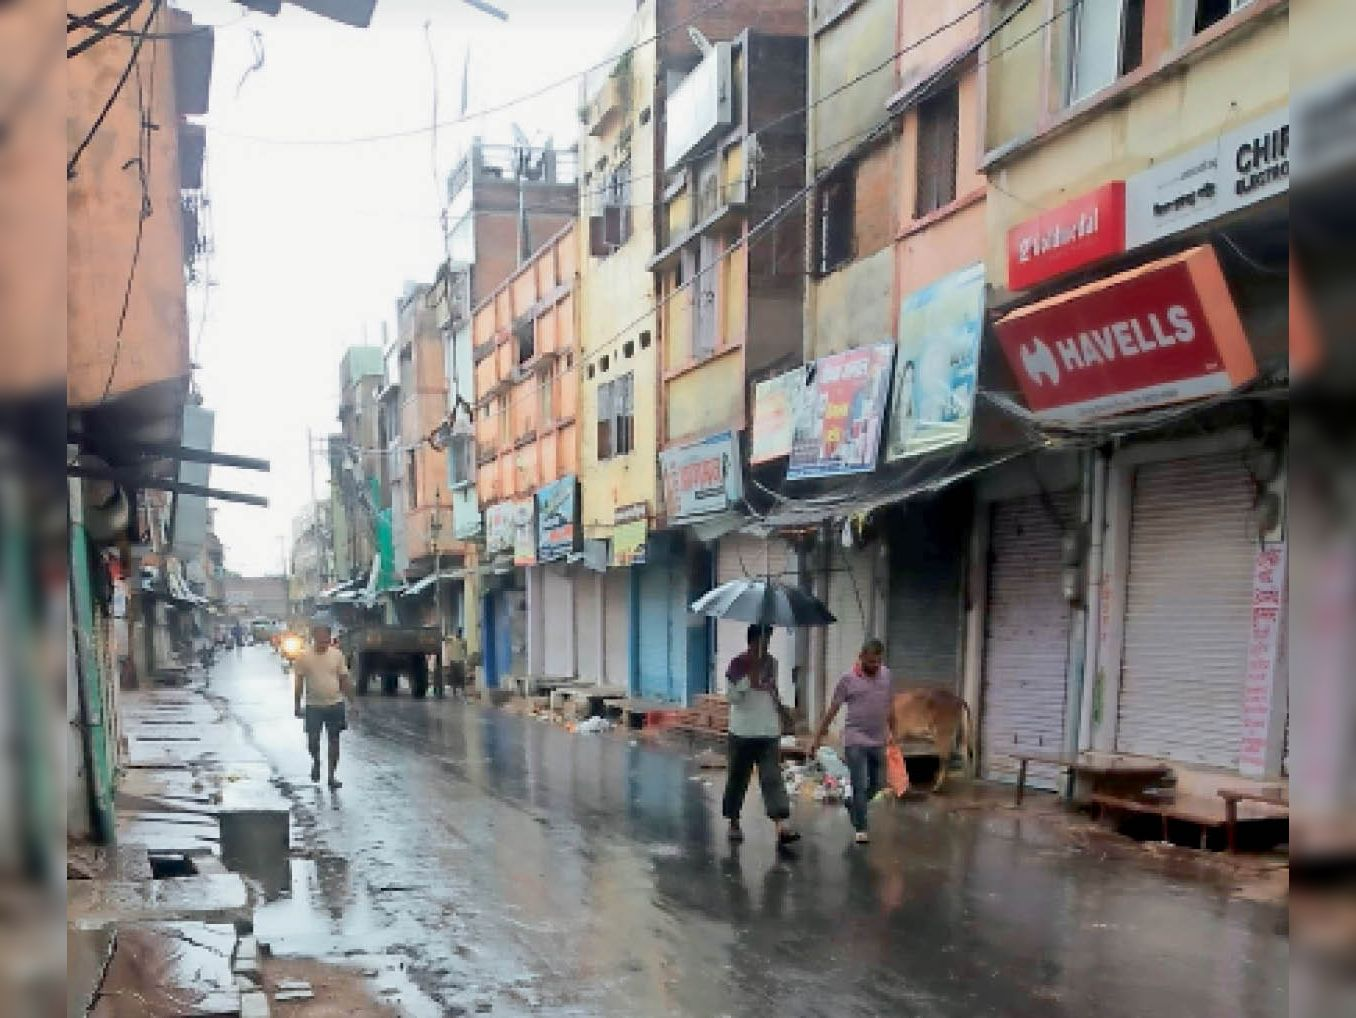 टीकमगढ़। बारिश से तरबतर हुआ शहर। - Dainik Bhaskar